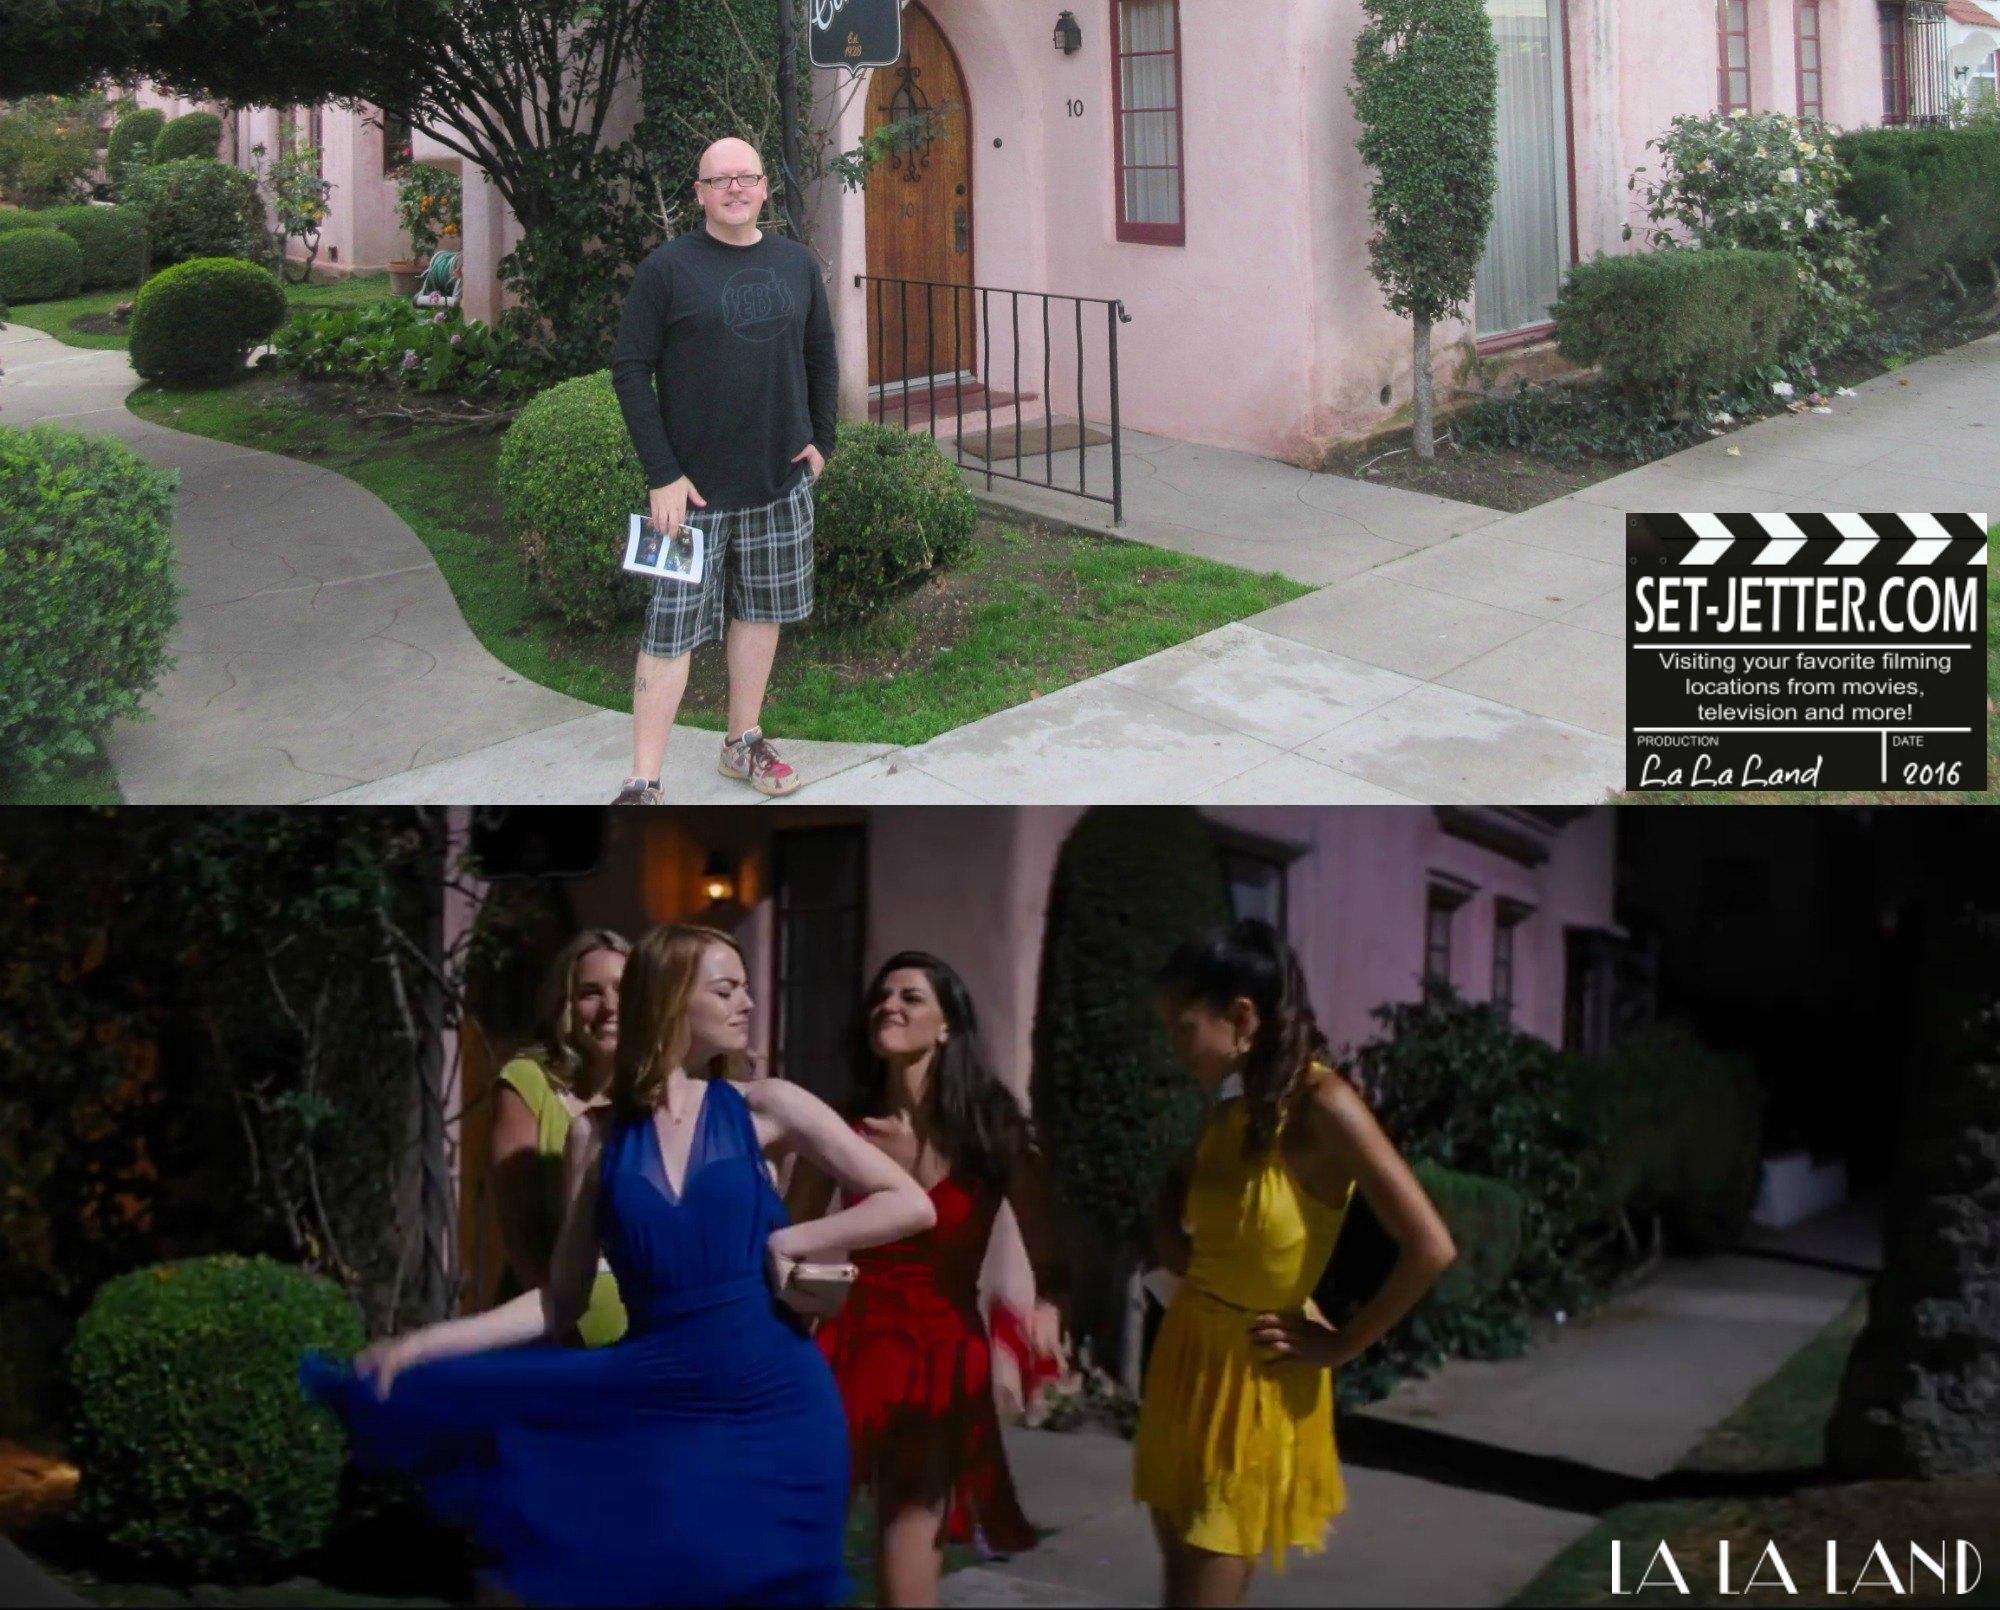 La La Land comparison 89.jpg